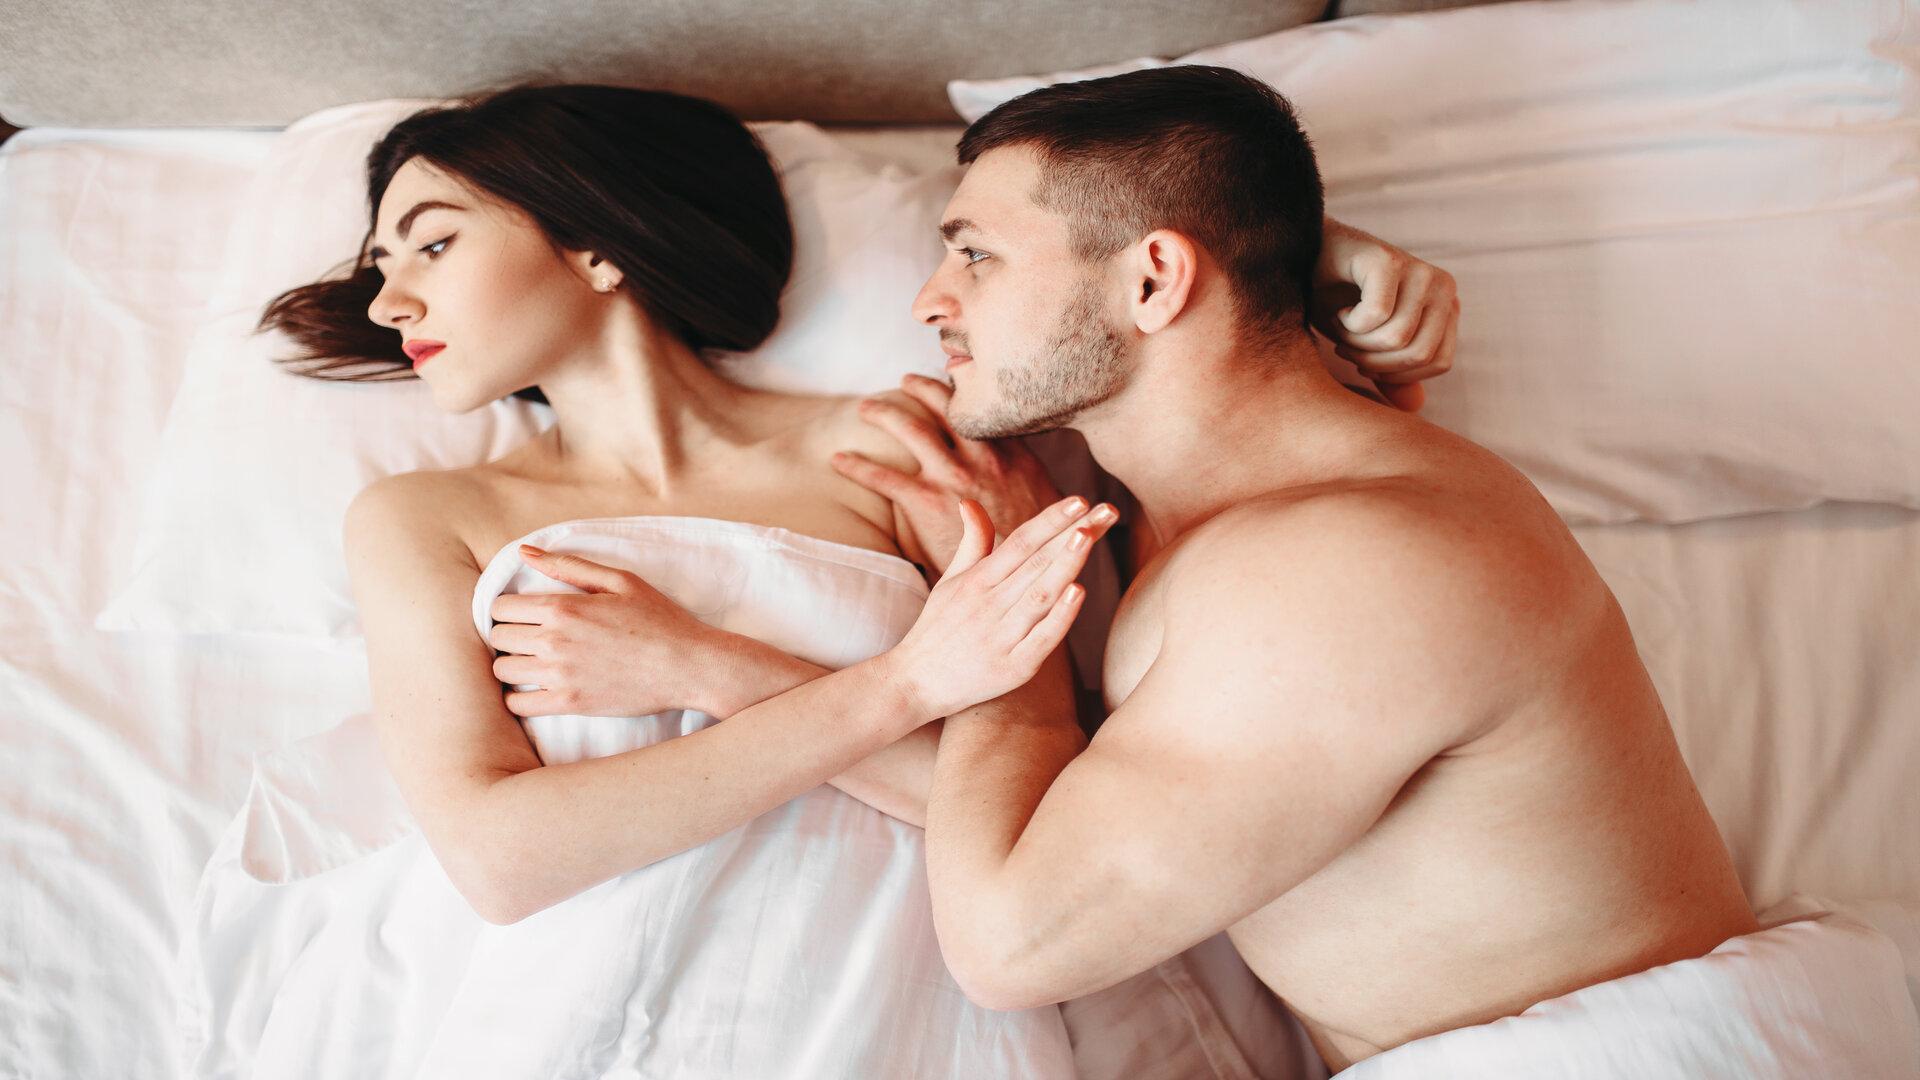 Le problème avec les habitudes sexuelles